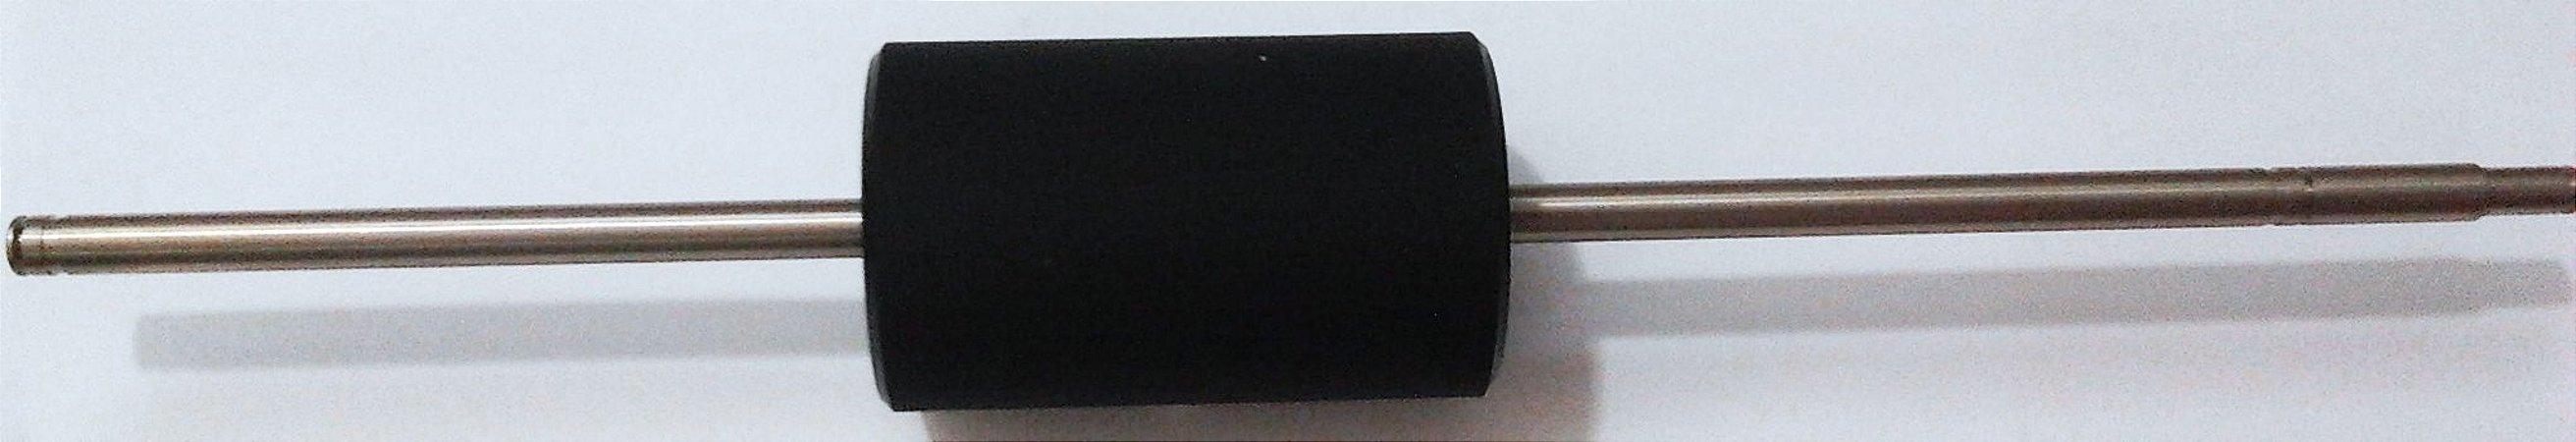 27-621-0127A110 - Rolo Alimentador - Scanner PL-3000 | PL-7500